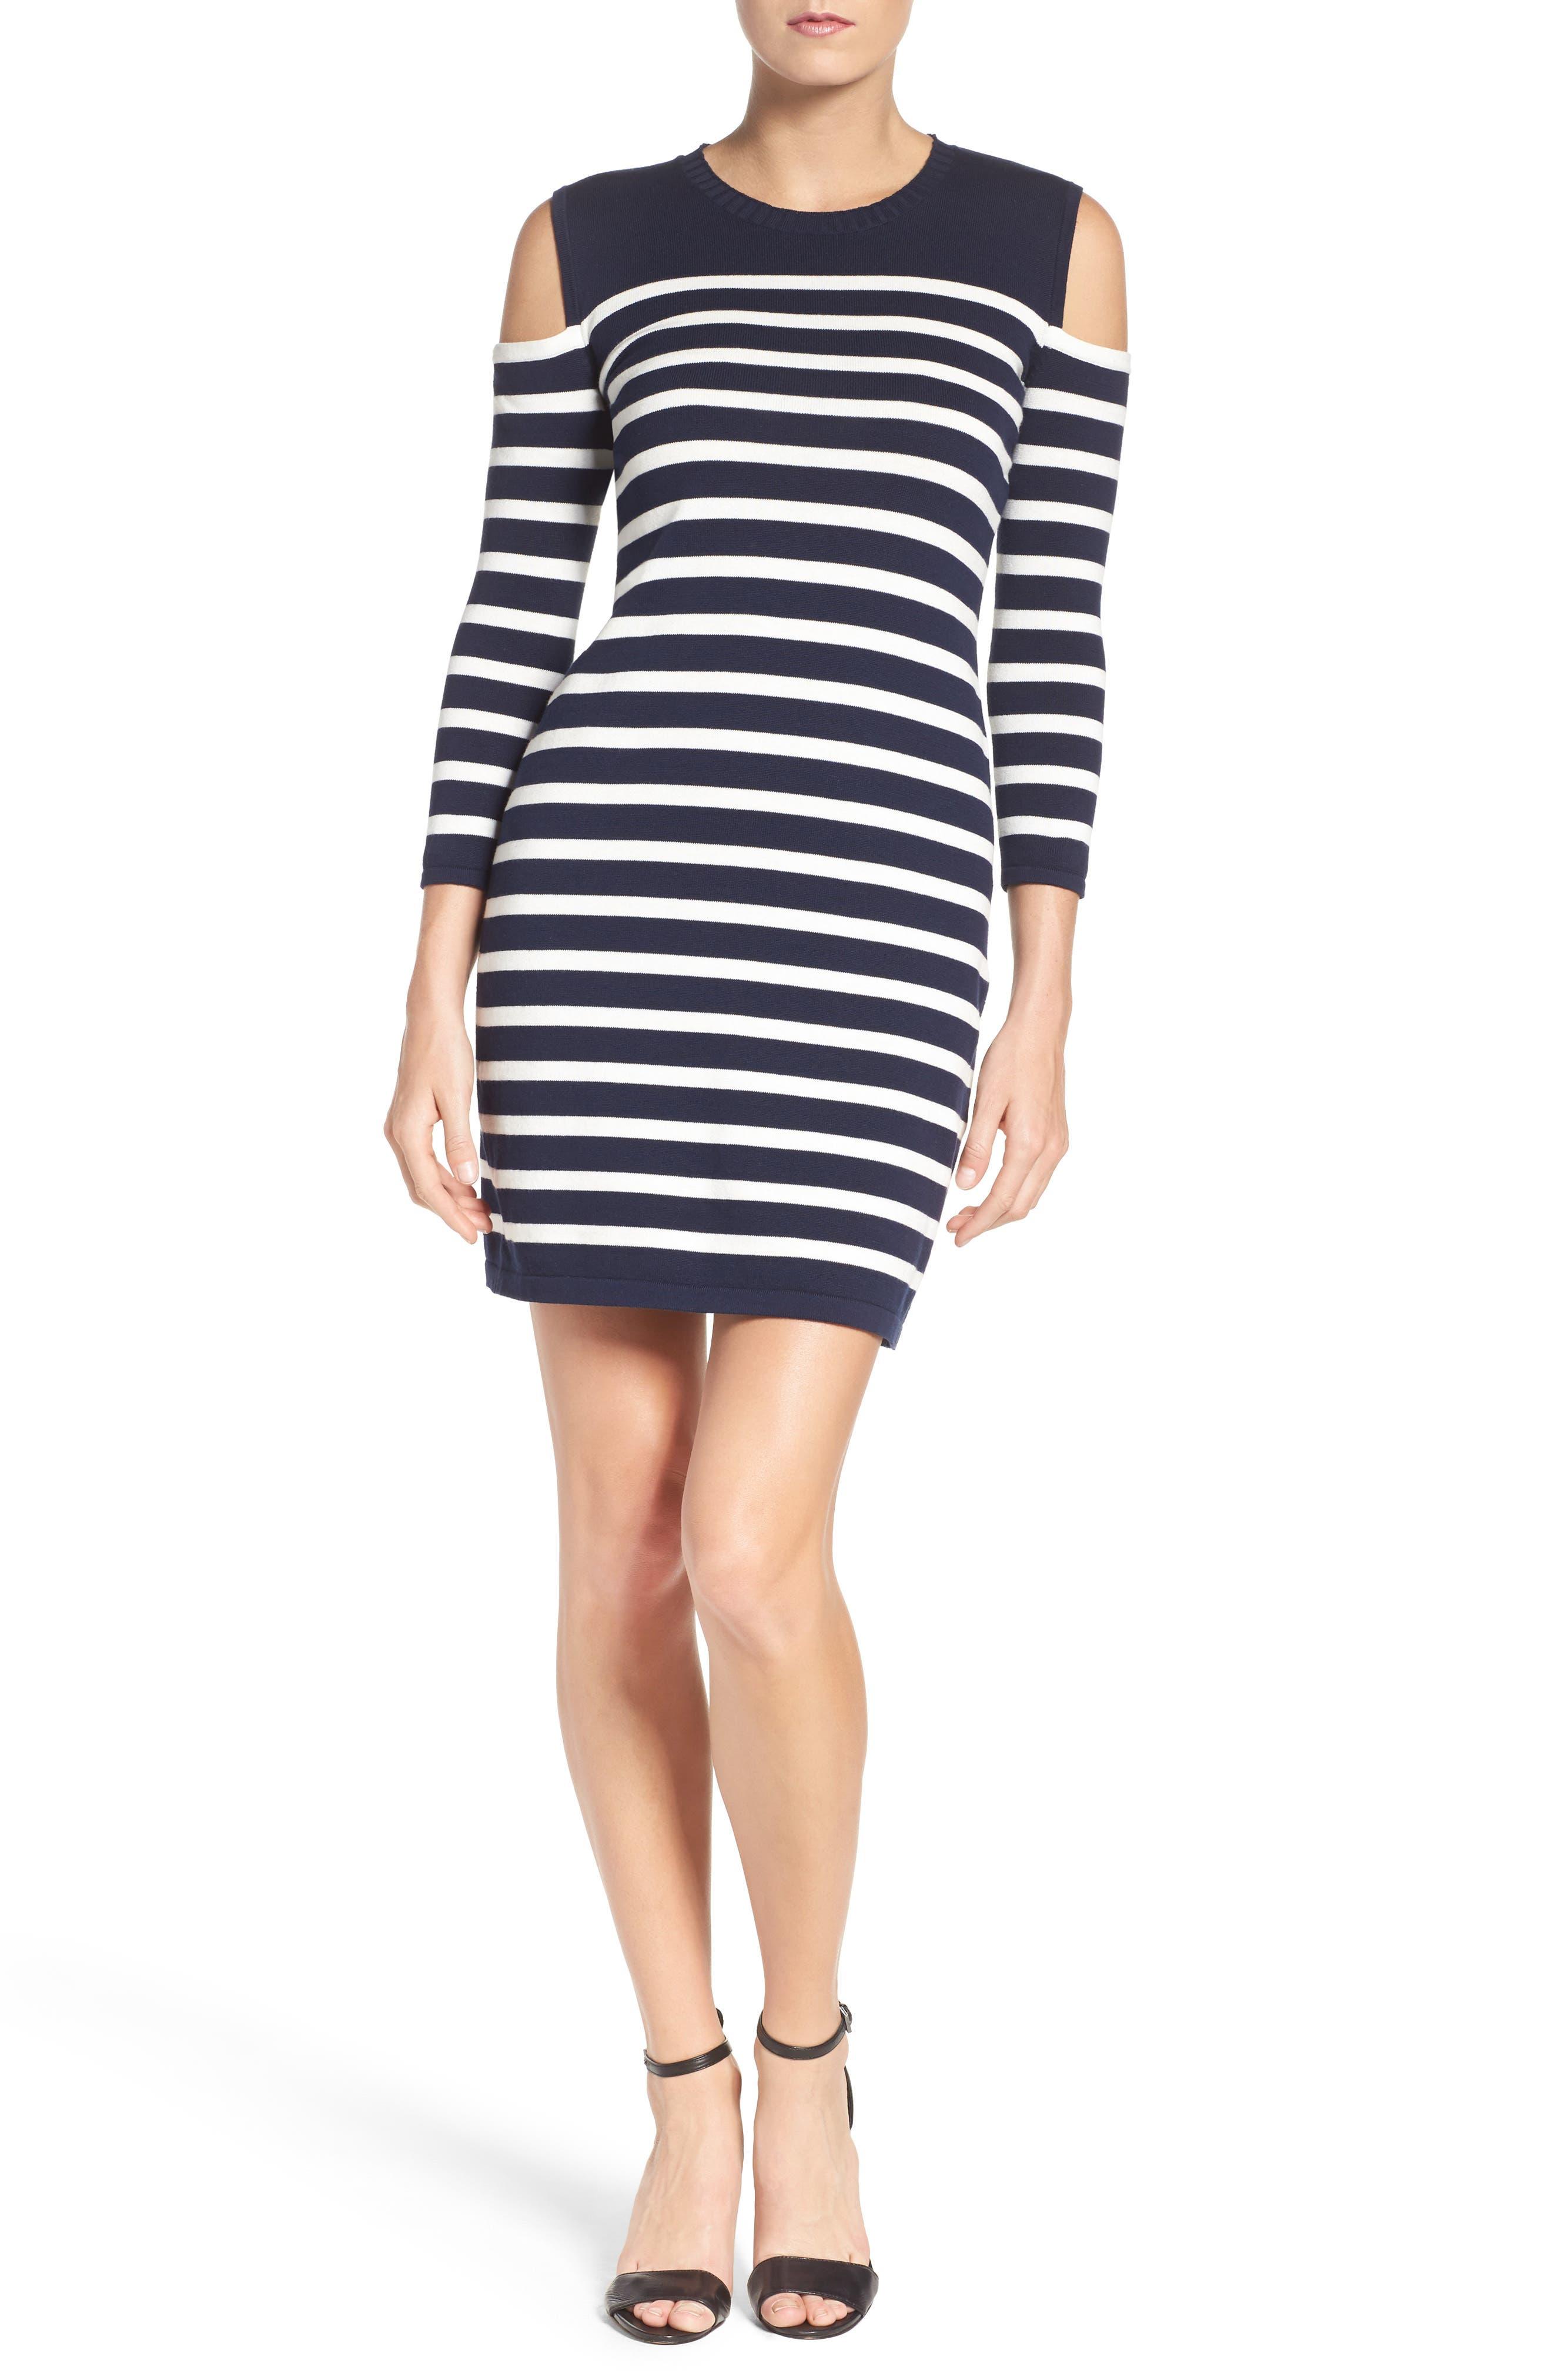 Trina Turk Tango Stripe Cotton Knit Dress,                             Alternate thumbnail 4, color,                             Whitewash/ Indigo